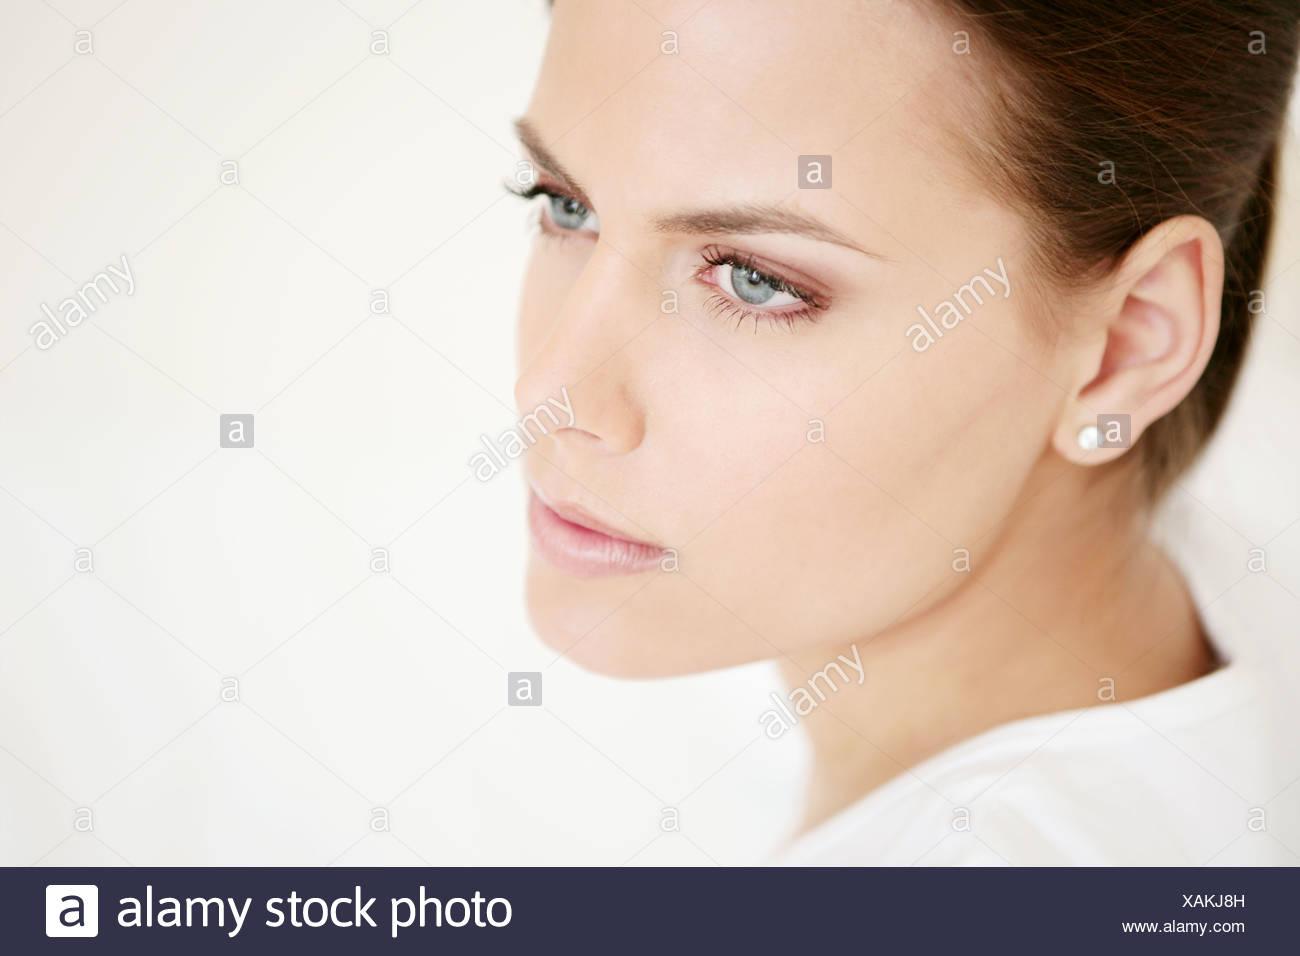 Cara, joven, mujer, vitalidad, fresco, maquillaje, modelo adulto, hembra, cabeza, belleza, de 20-25 años, 18-19 años, hermosa, wellness, Imagen De Stock